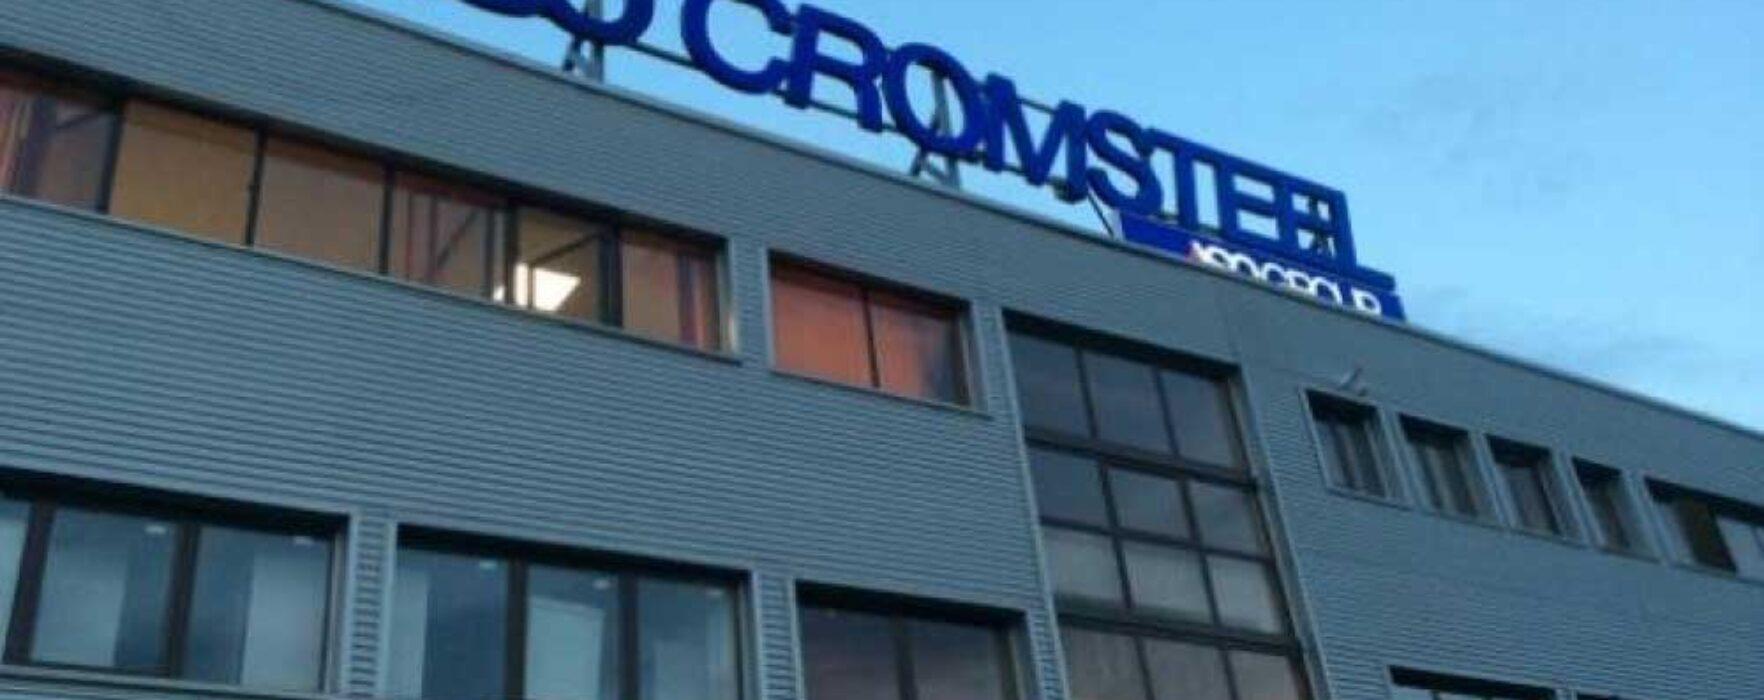 Conducerea Aso Cromsteel Târgovişte anunţă că majoritatea revendicărilor sindicatului au fost acceptate